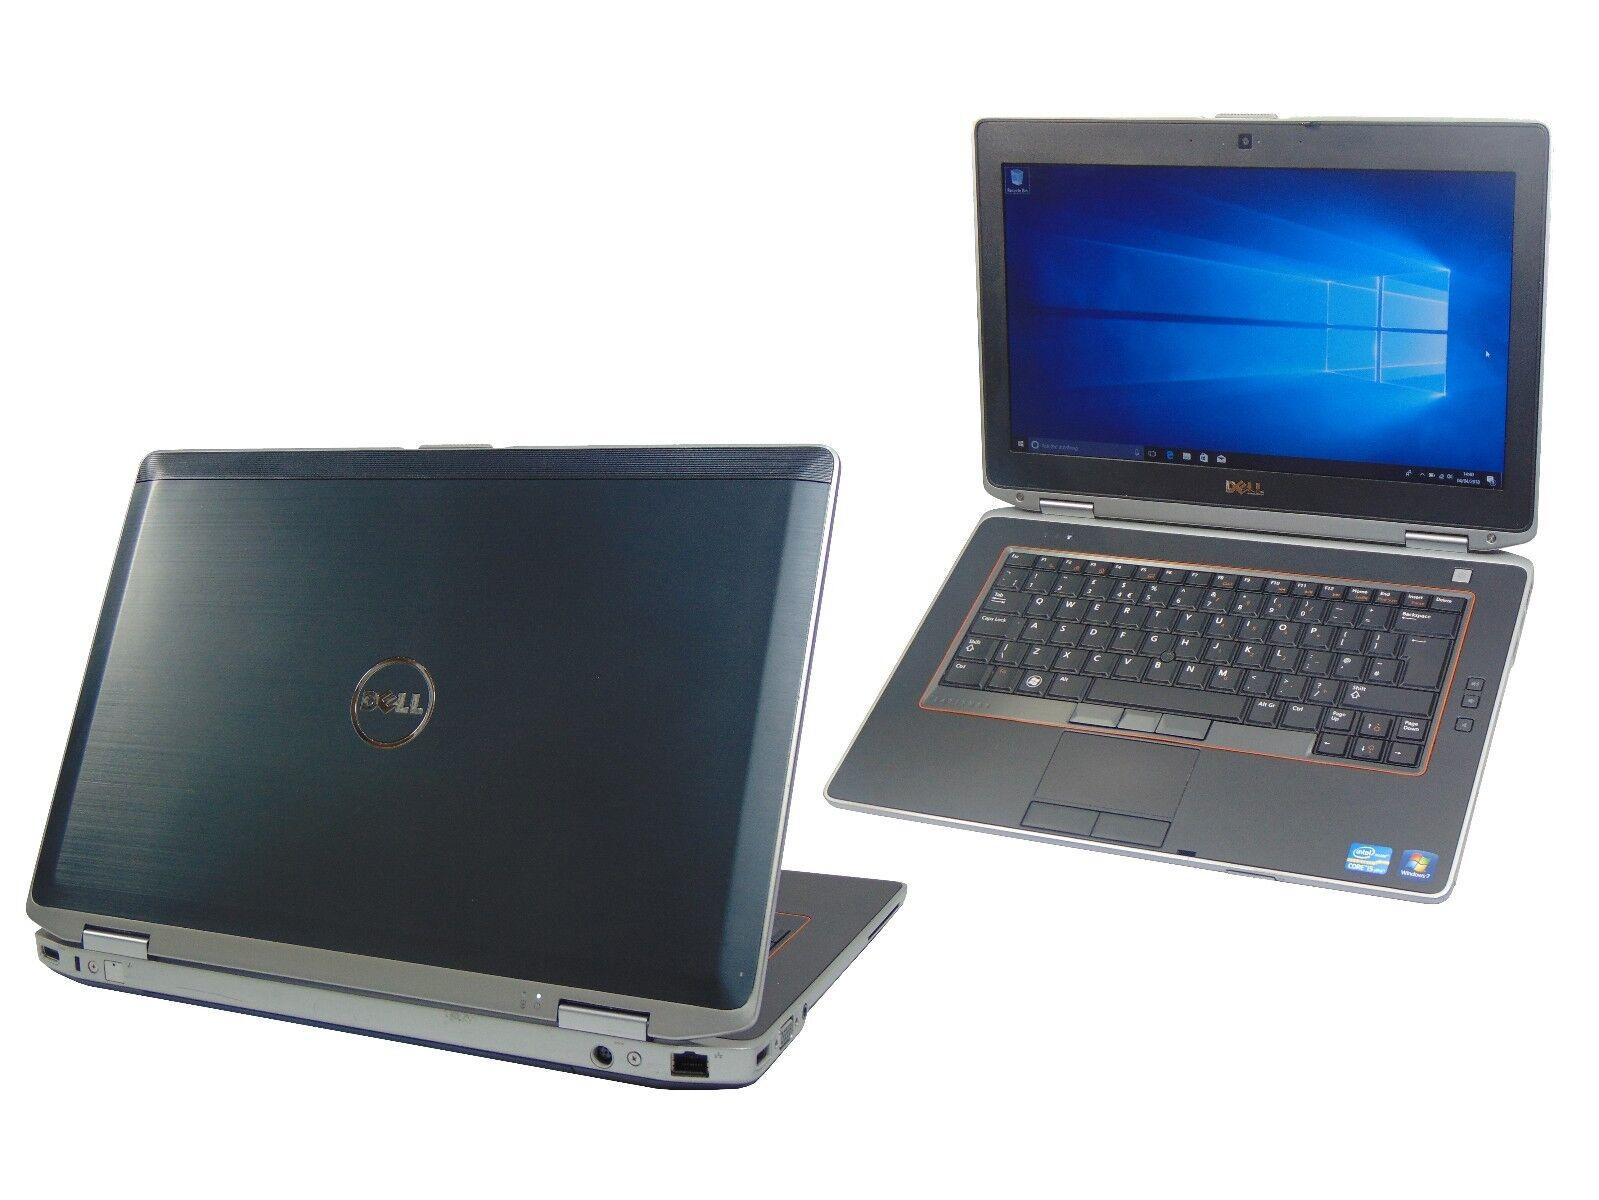 Laptop Windows - Dell Latitude E6420 Core i5-2520M 2.50GHz 4GB 500GB HDD Windows 10 HDMI Laptop